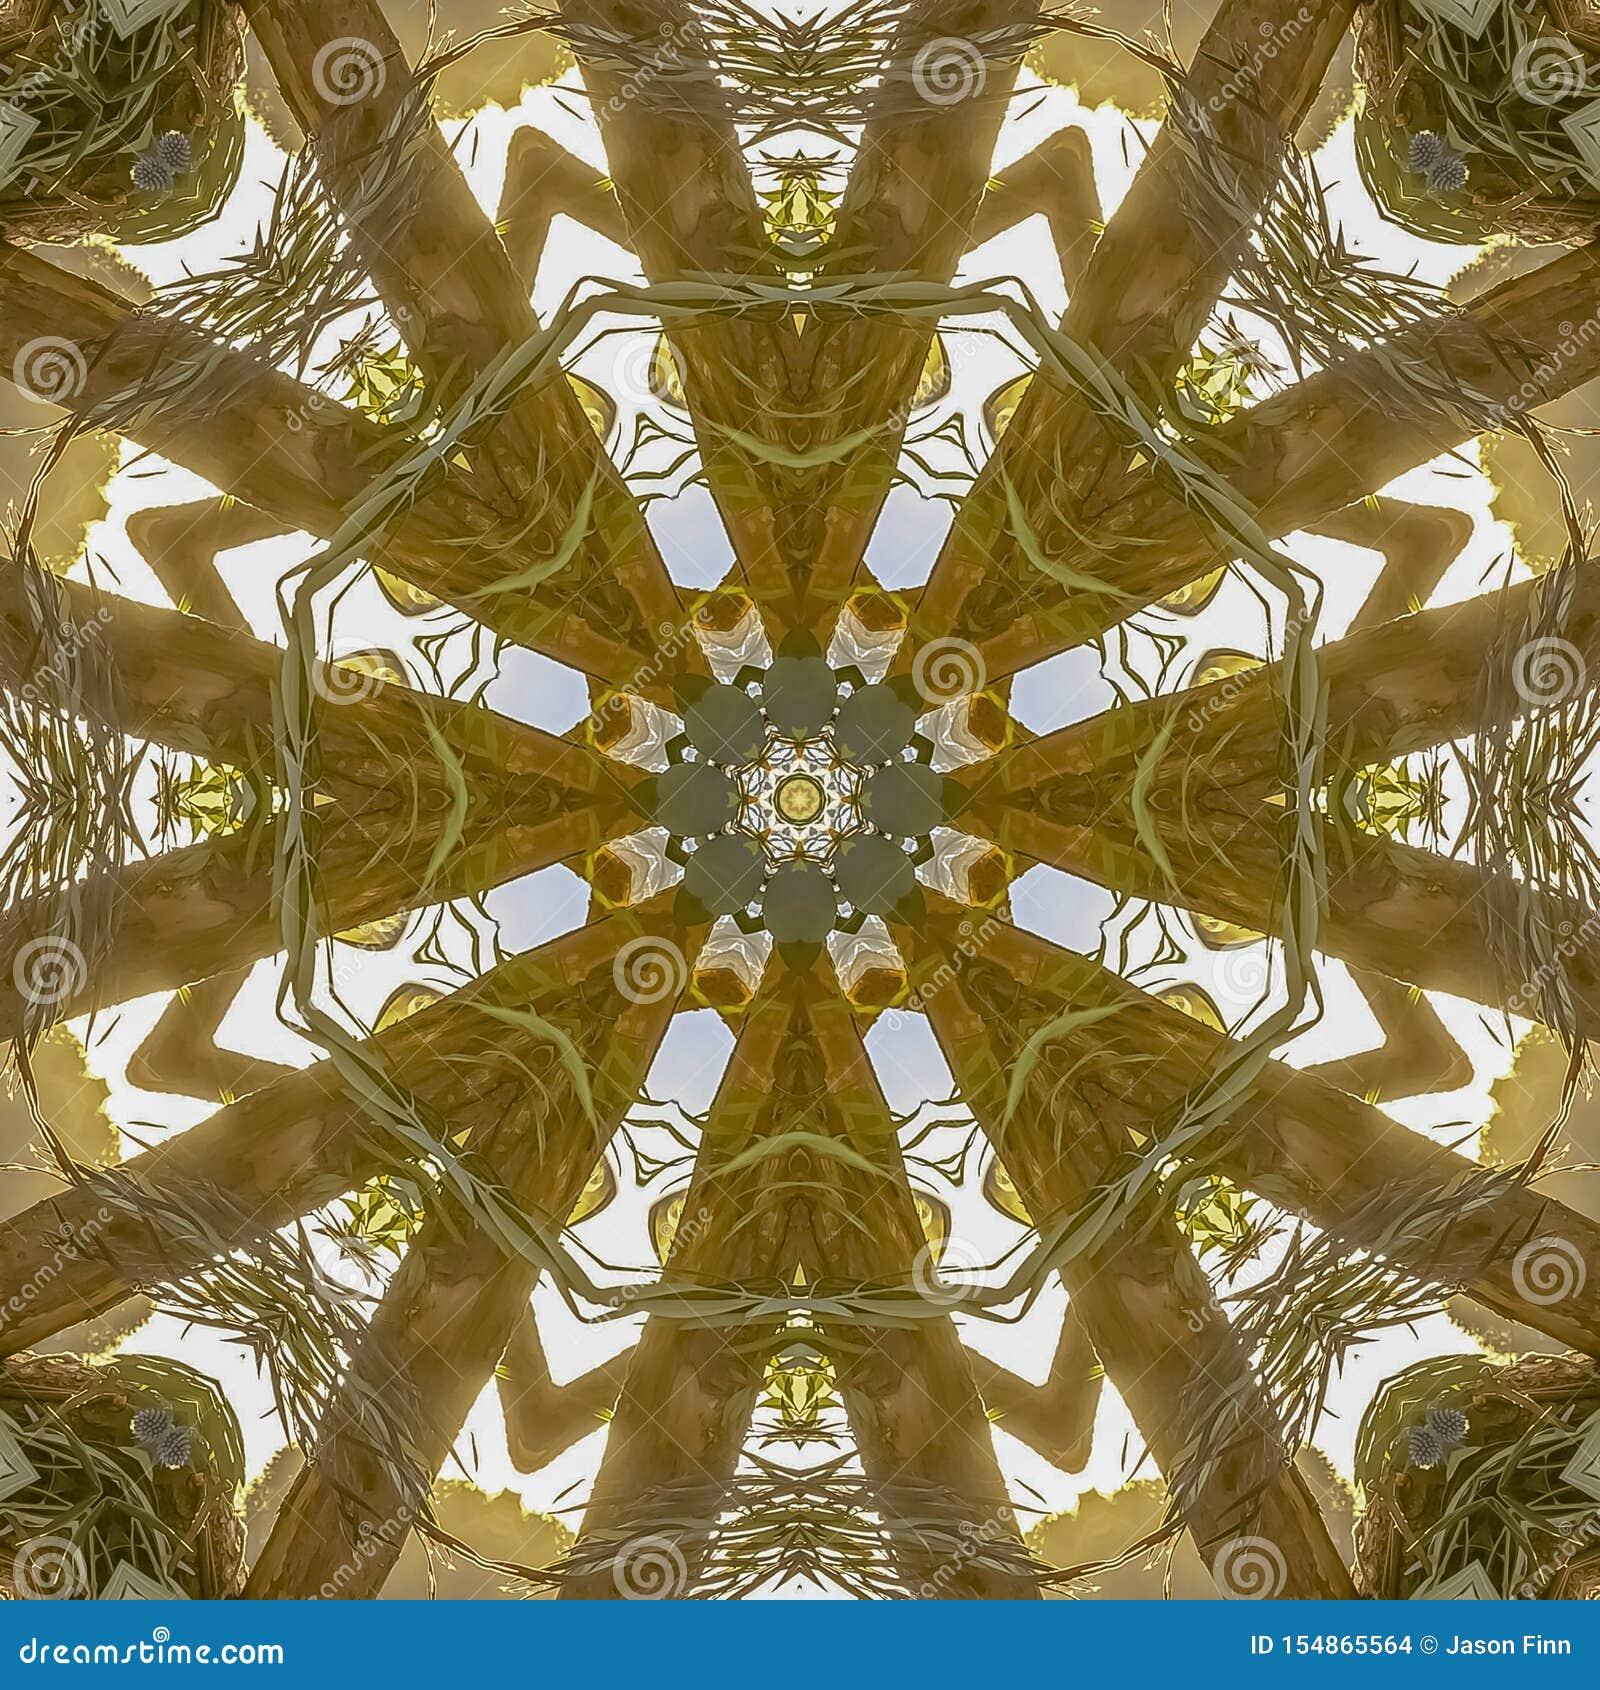 Formas angulares salvajes del cuadrado de un centro de flores que muestra solamente las hojas y los troncos